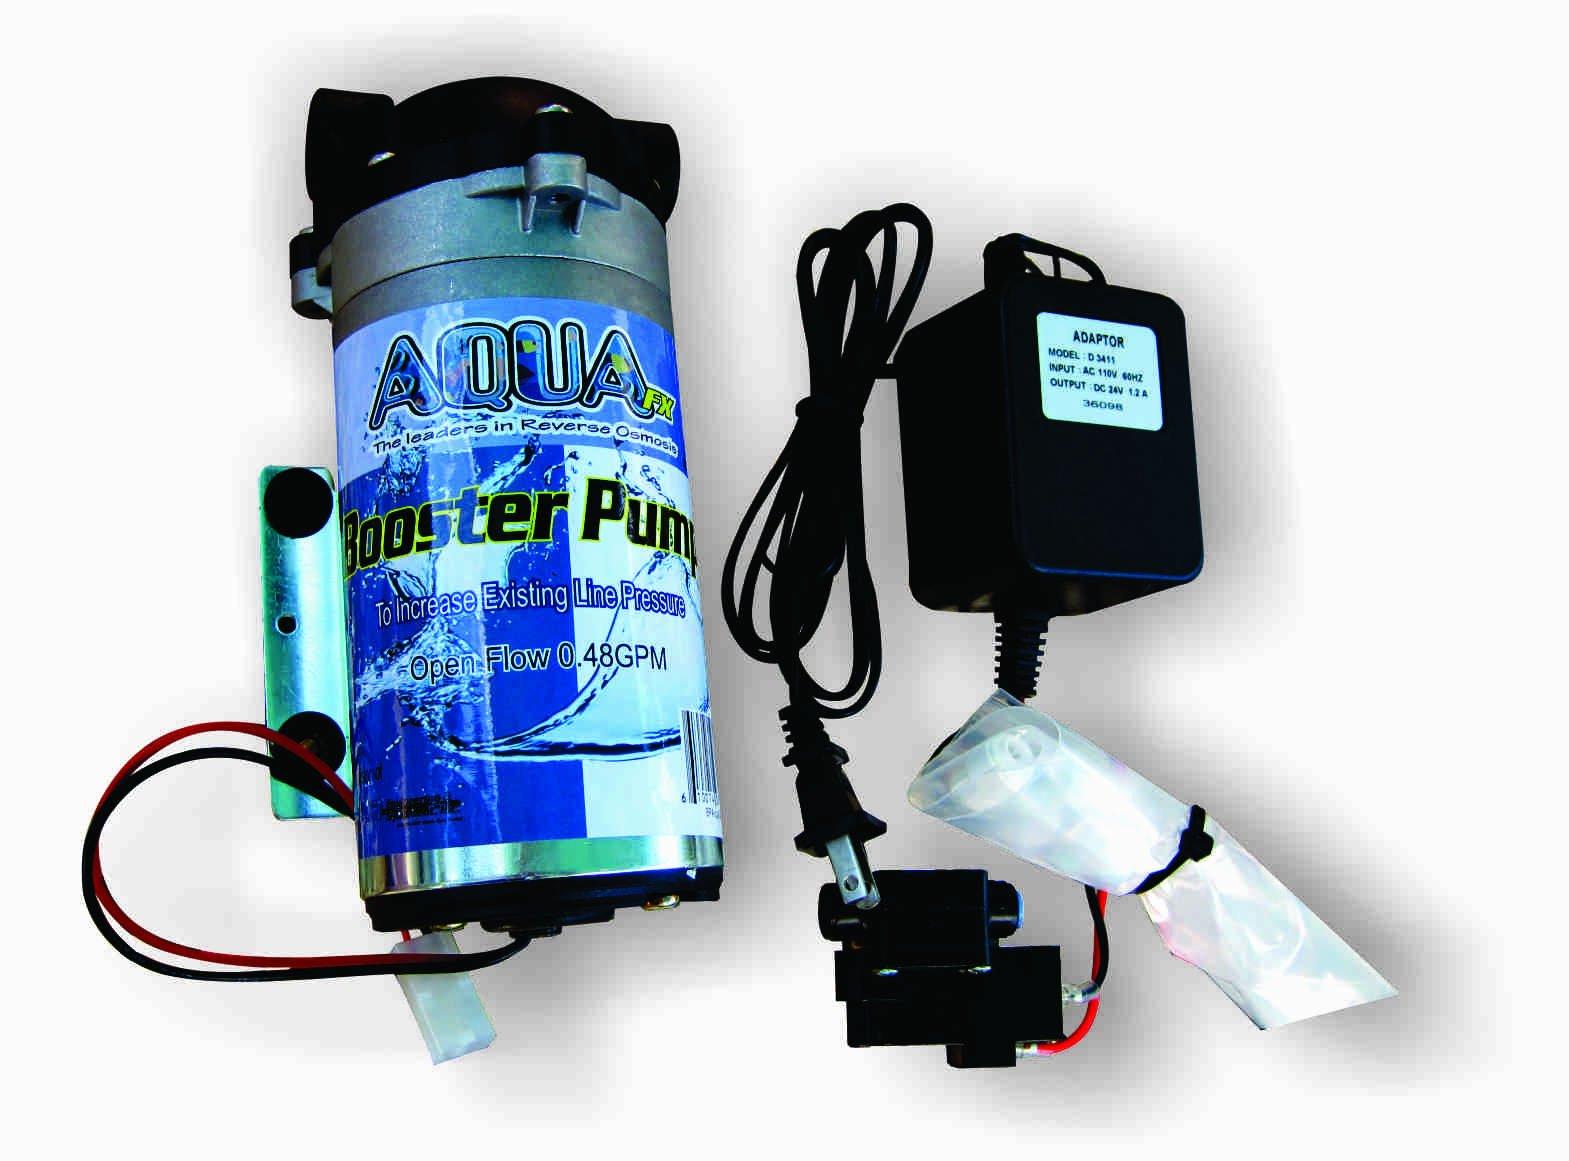 AquaFX 9644 Booster Pump